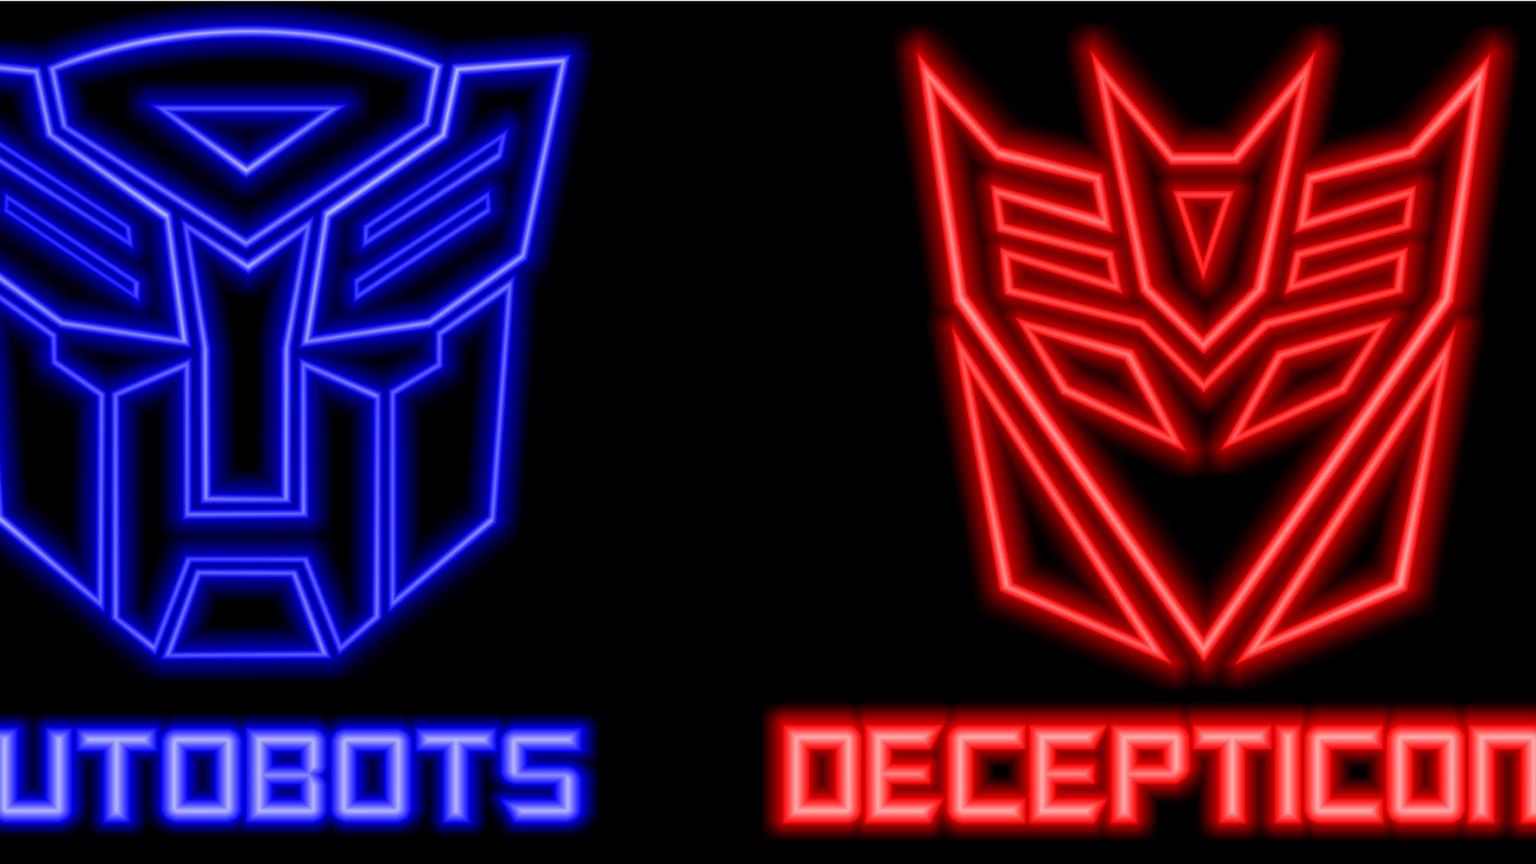 2075x1000px autobots vs decepticons wallpaper wallpapersafari